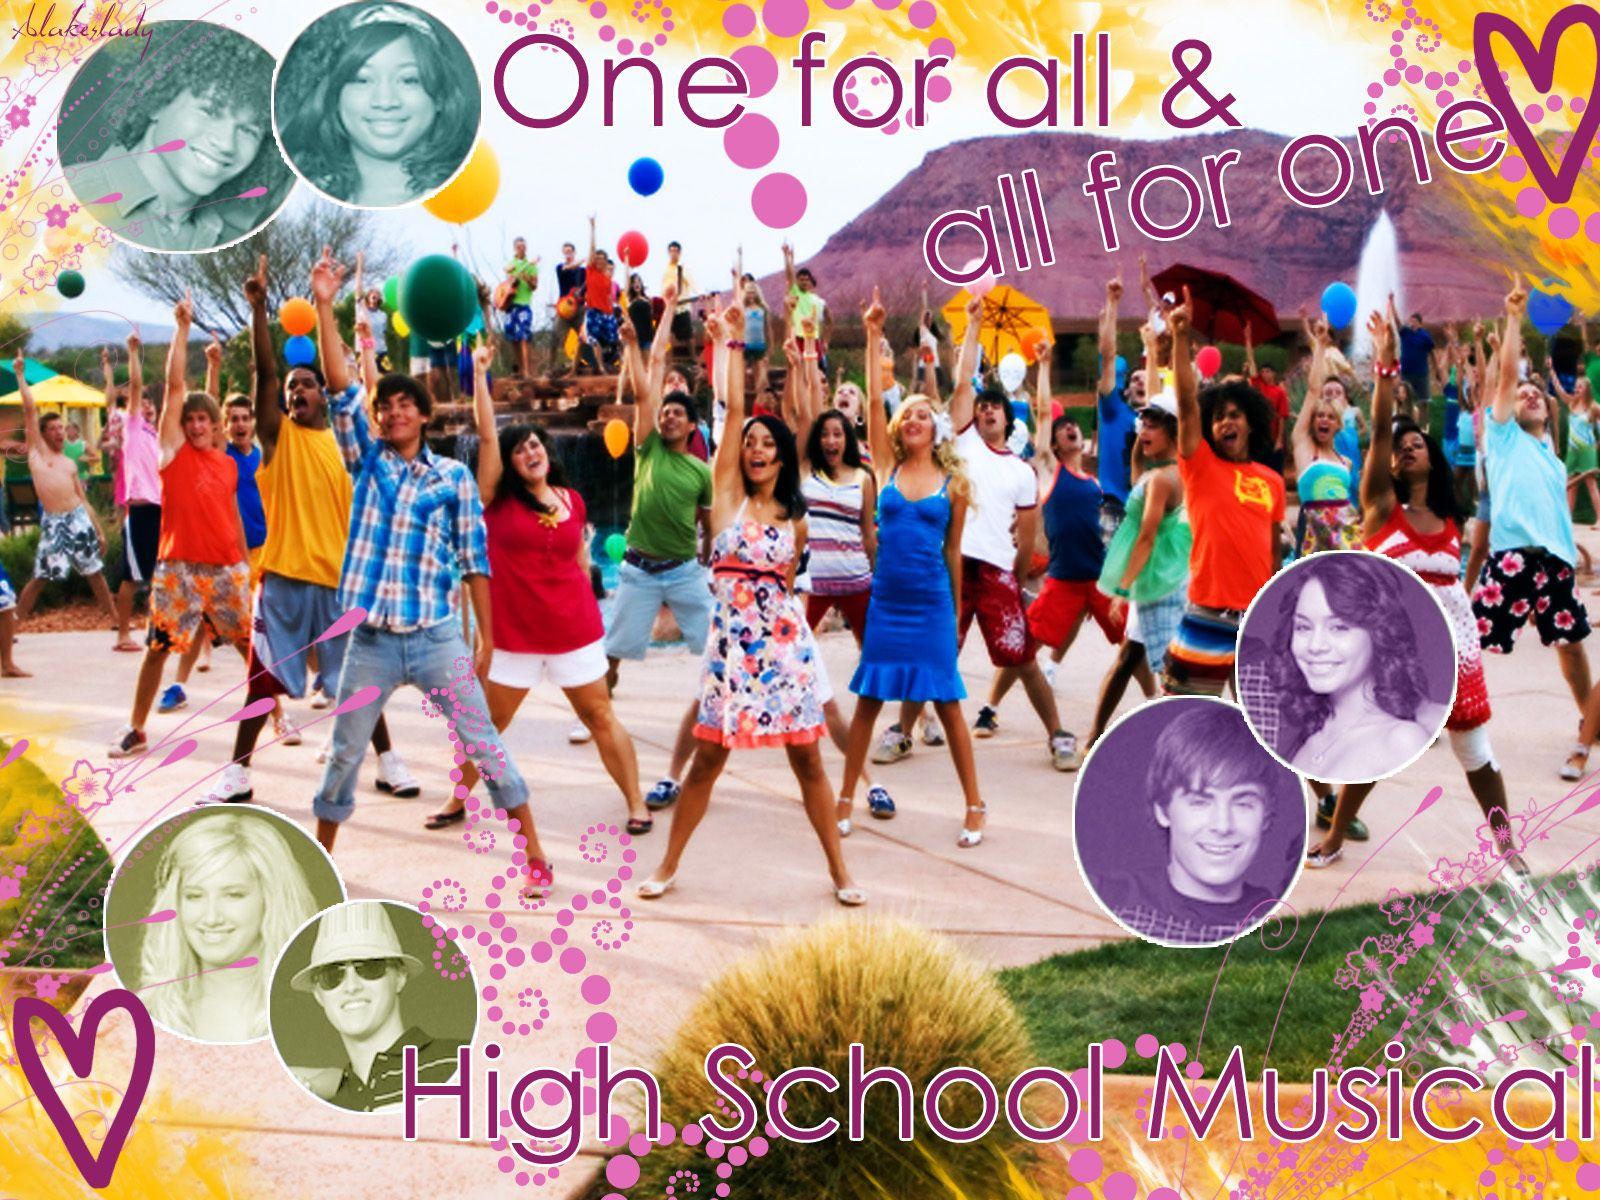 http://images1.fanpop.com/images/photos/1500000/HSM-high-school-musical-3-1574247-1600-1200.jpg